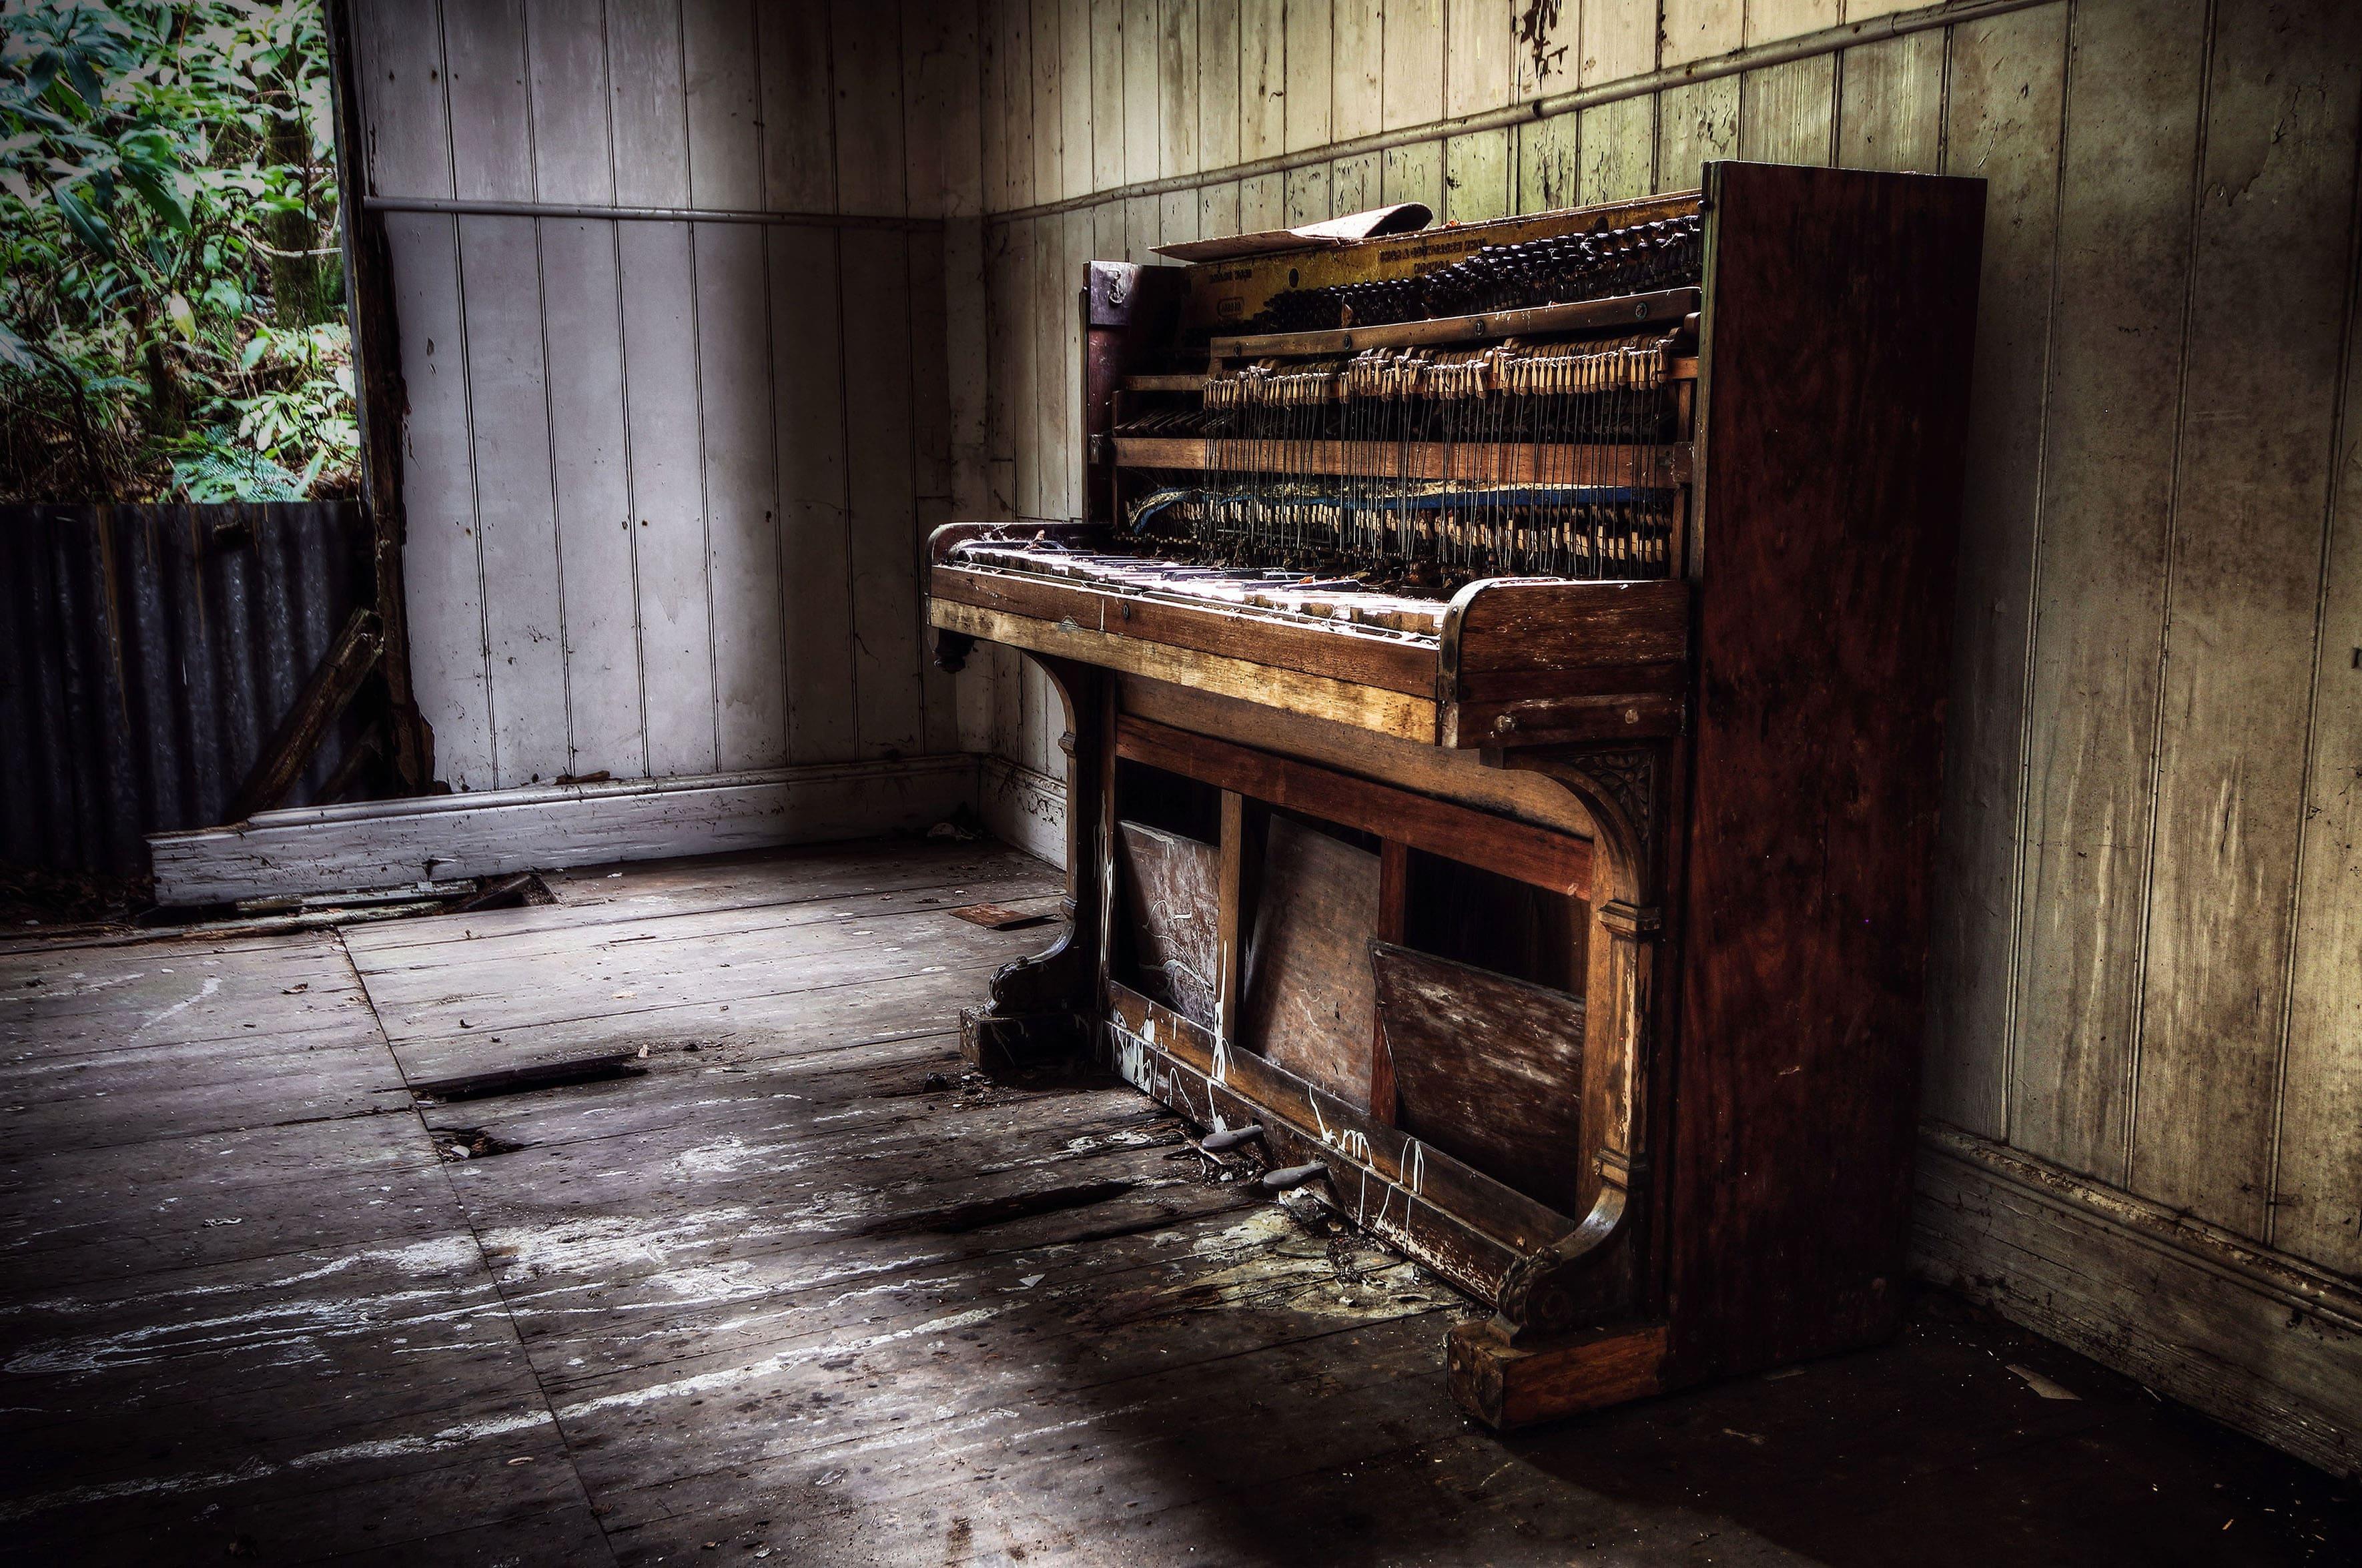 HDoboi.Kiev.ua - Старое пианино в заброшенном доме, музыка, антиквариат